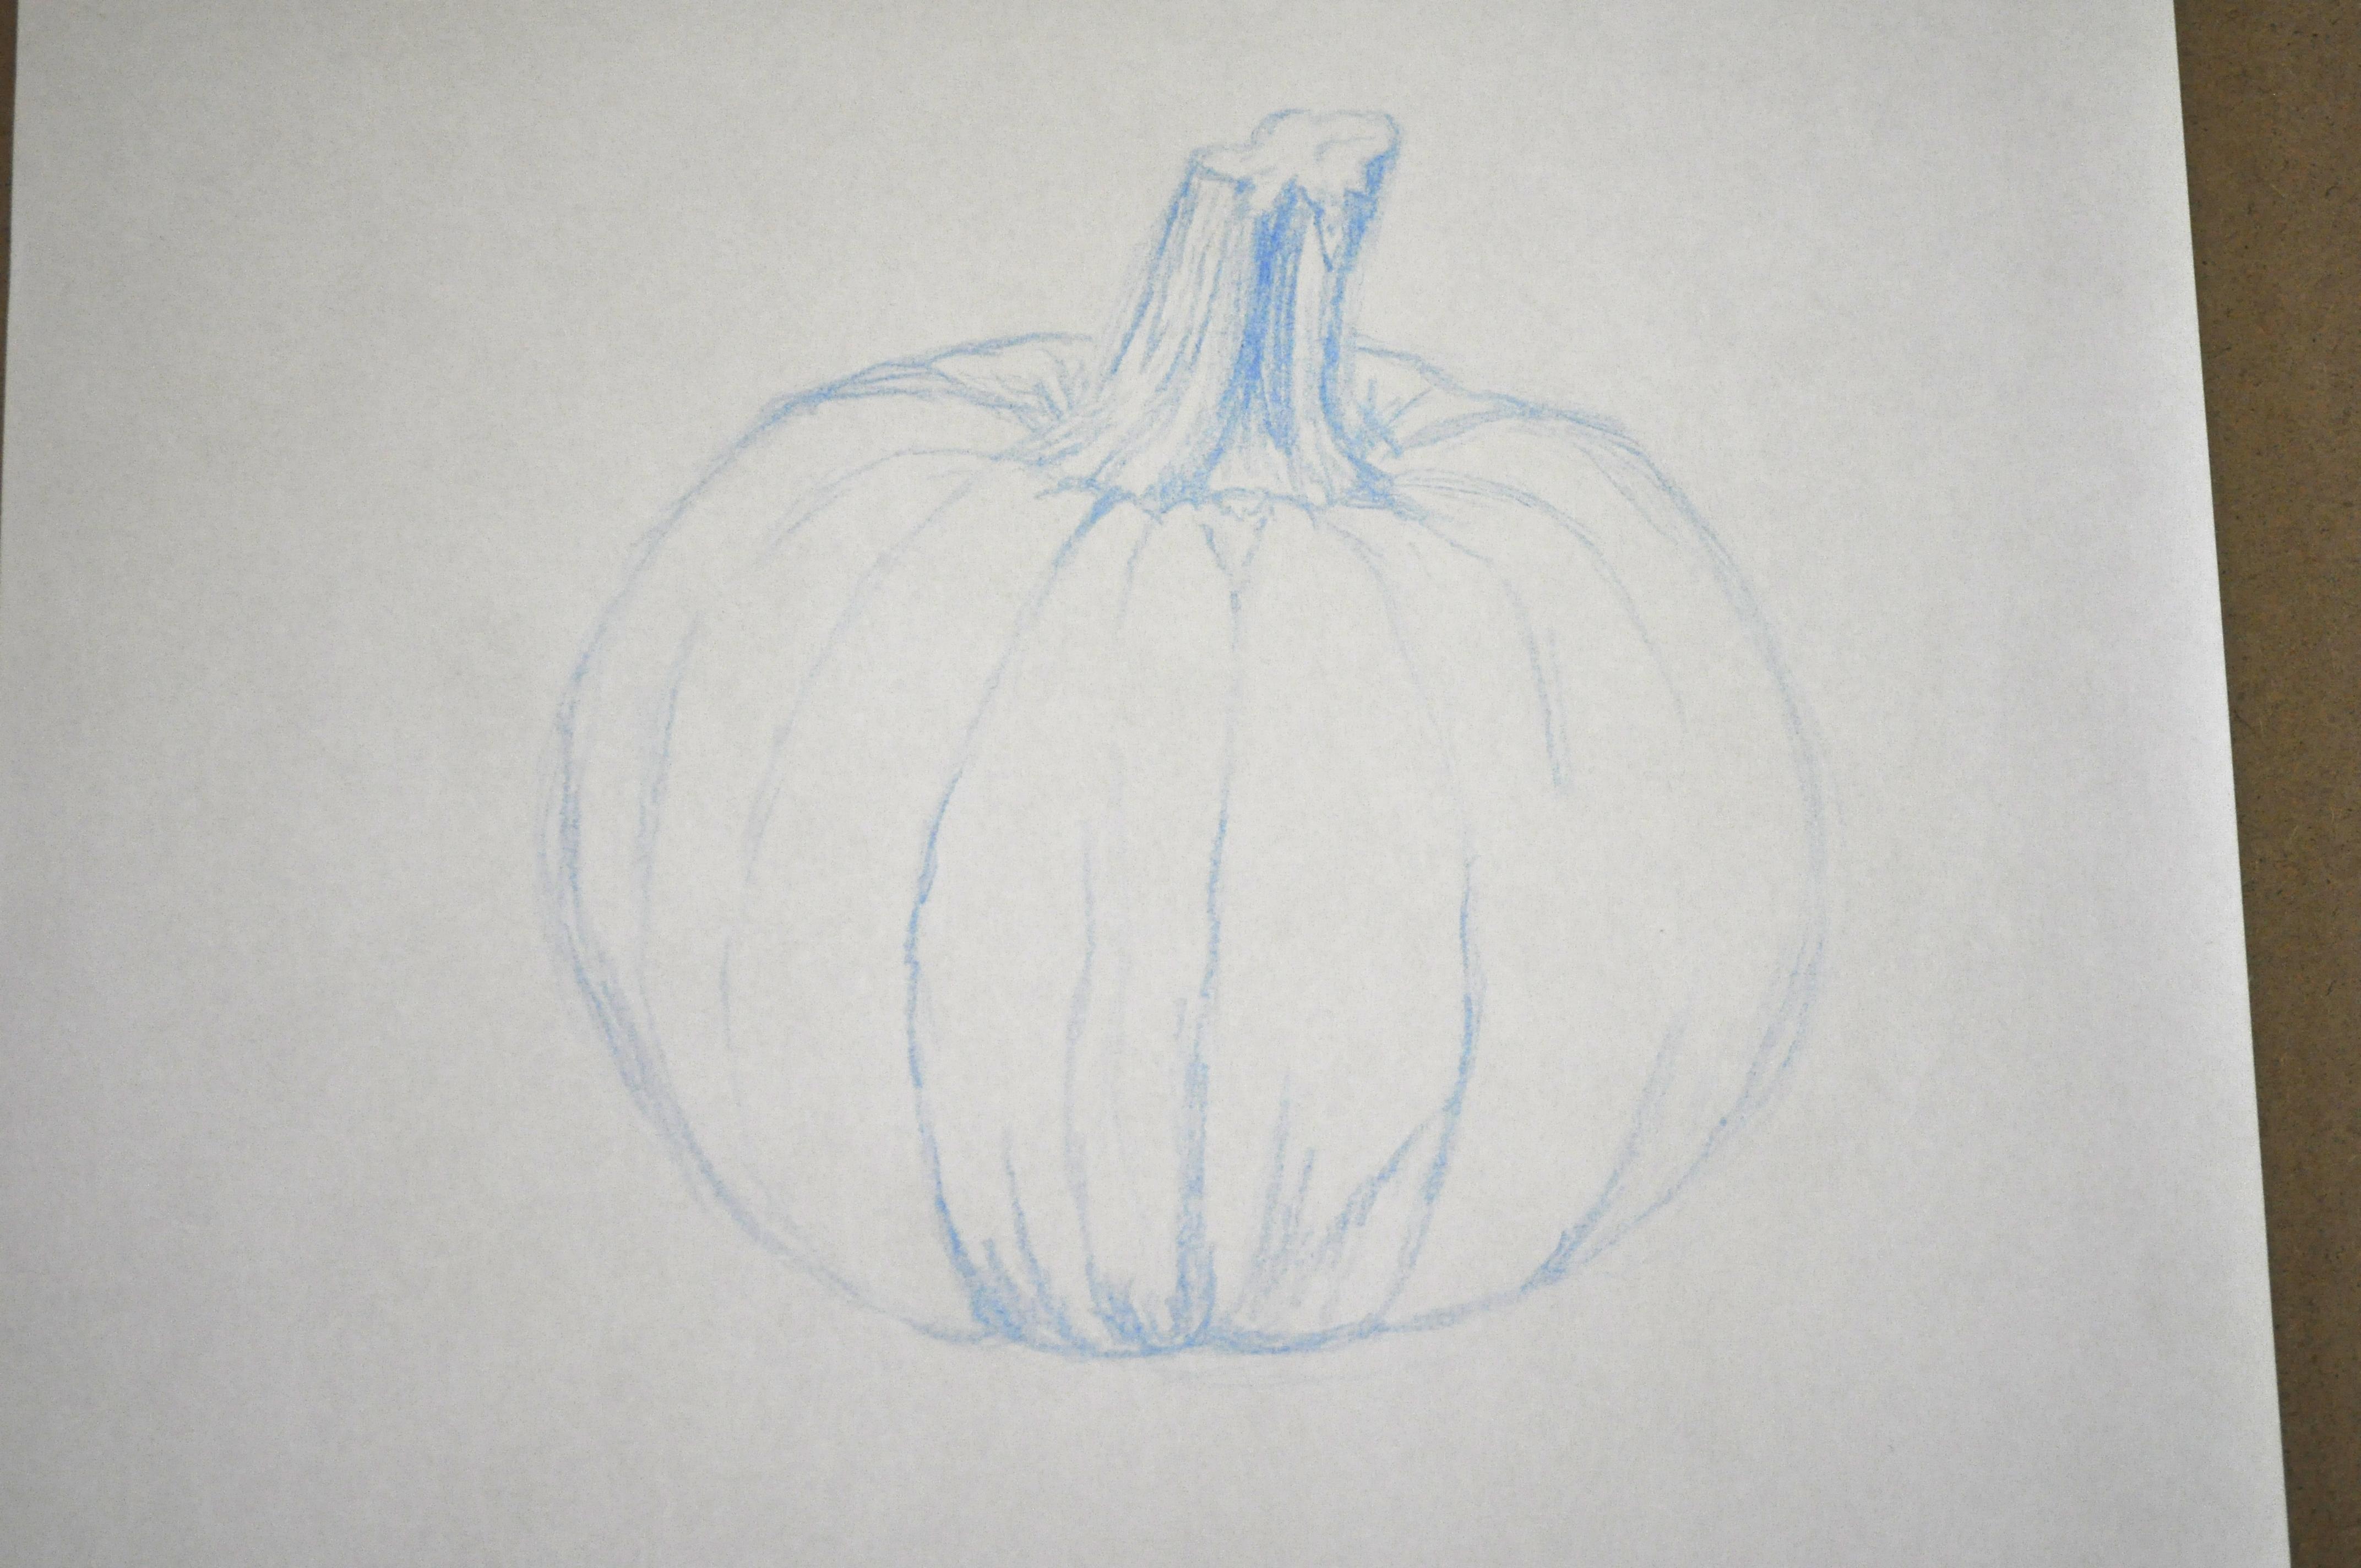 Drawn pumpkin shading Pumpkin Nest The is Drawing